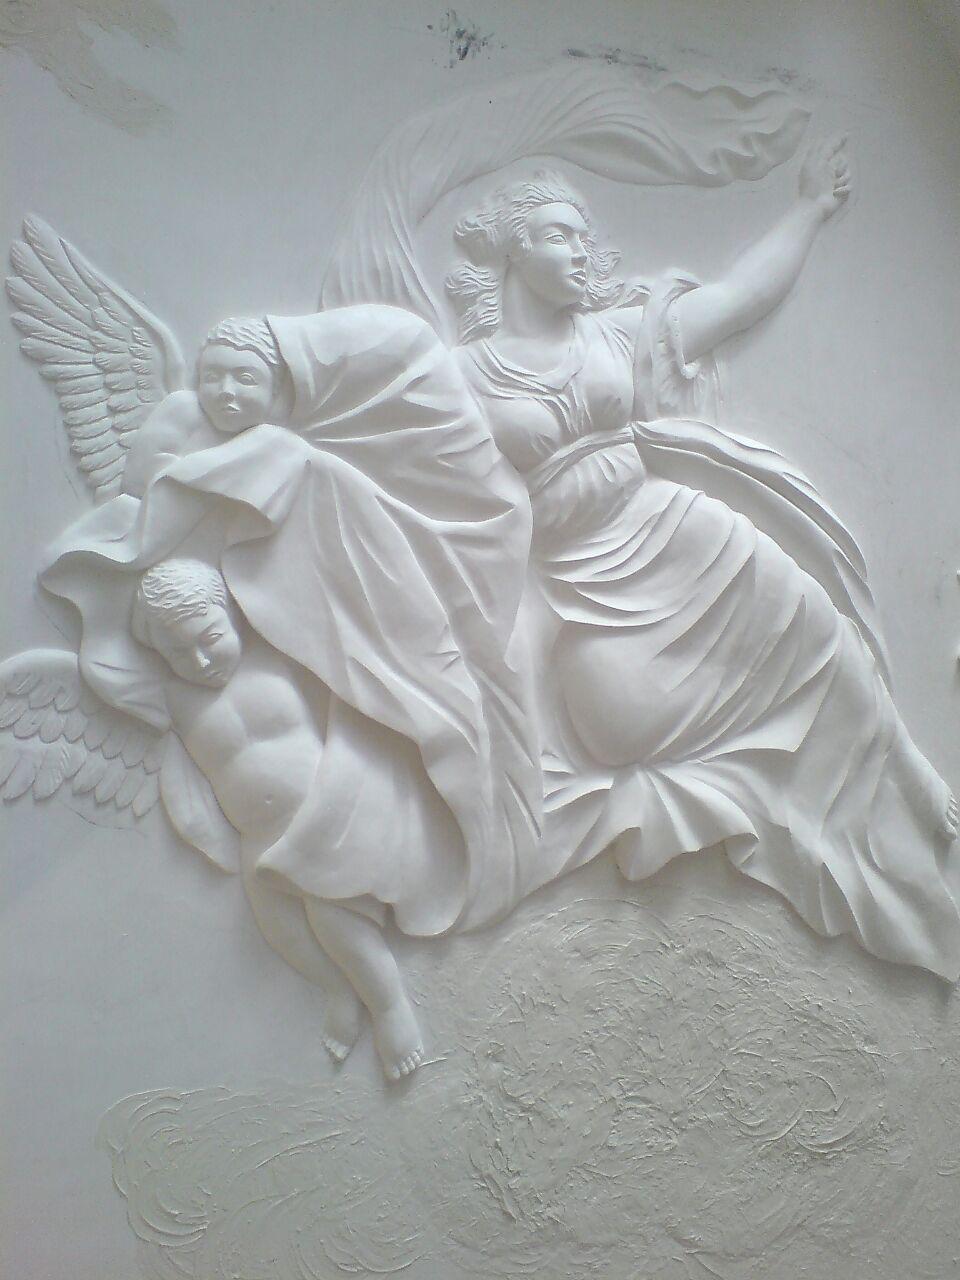 طراحی مورال ( فرشته )